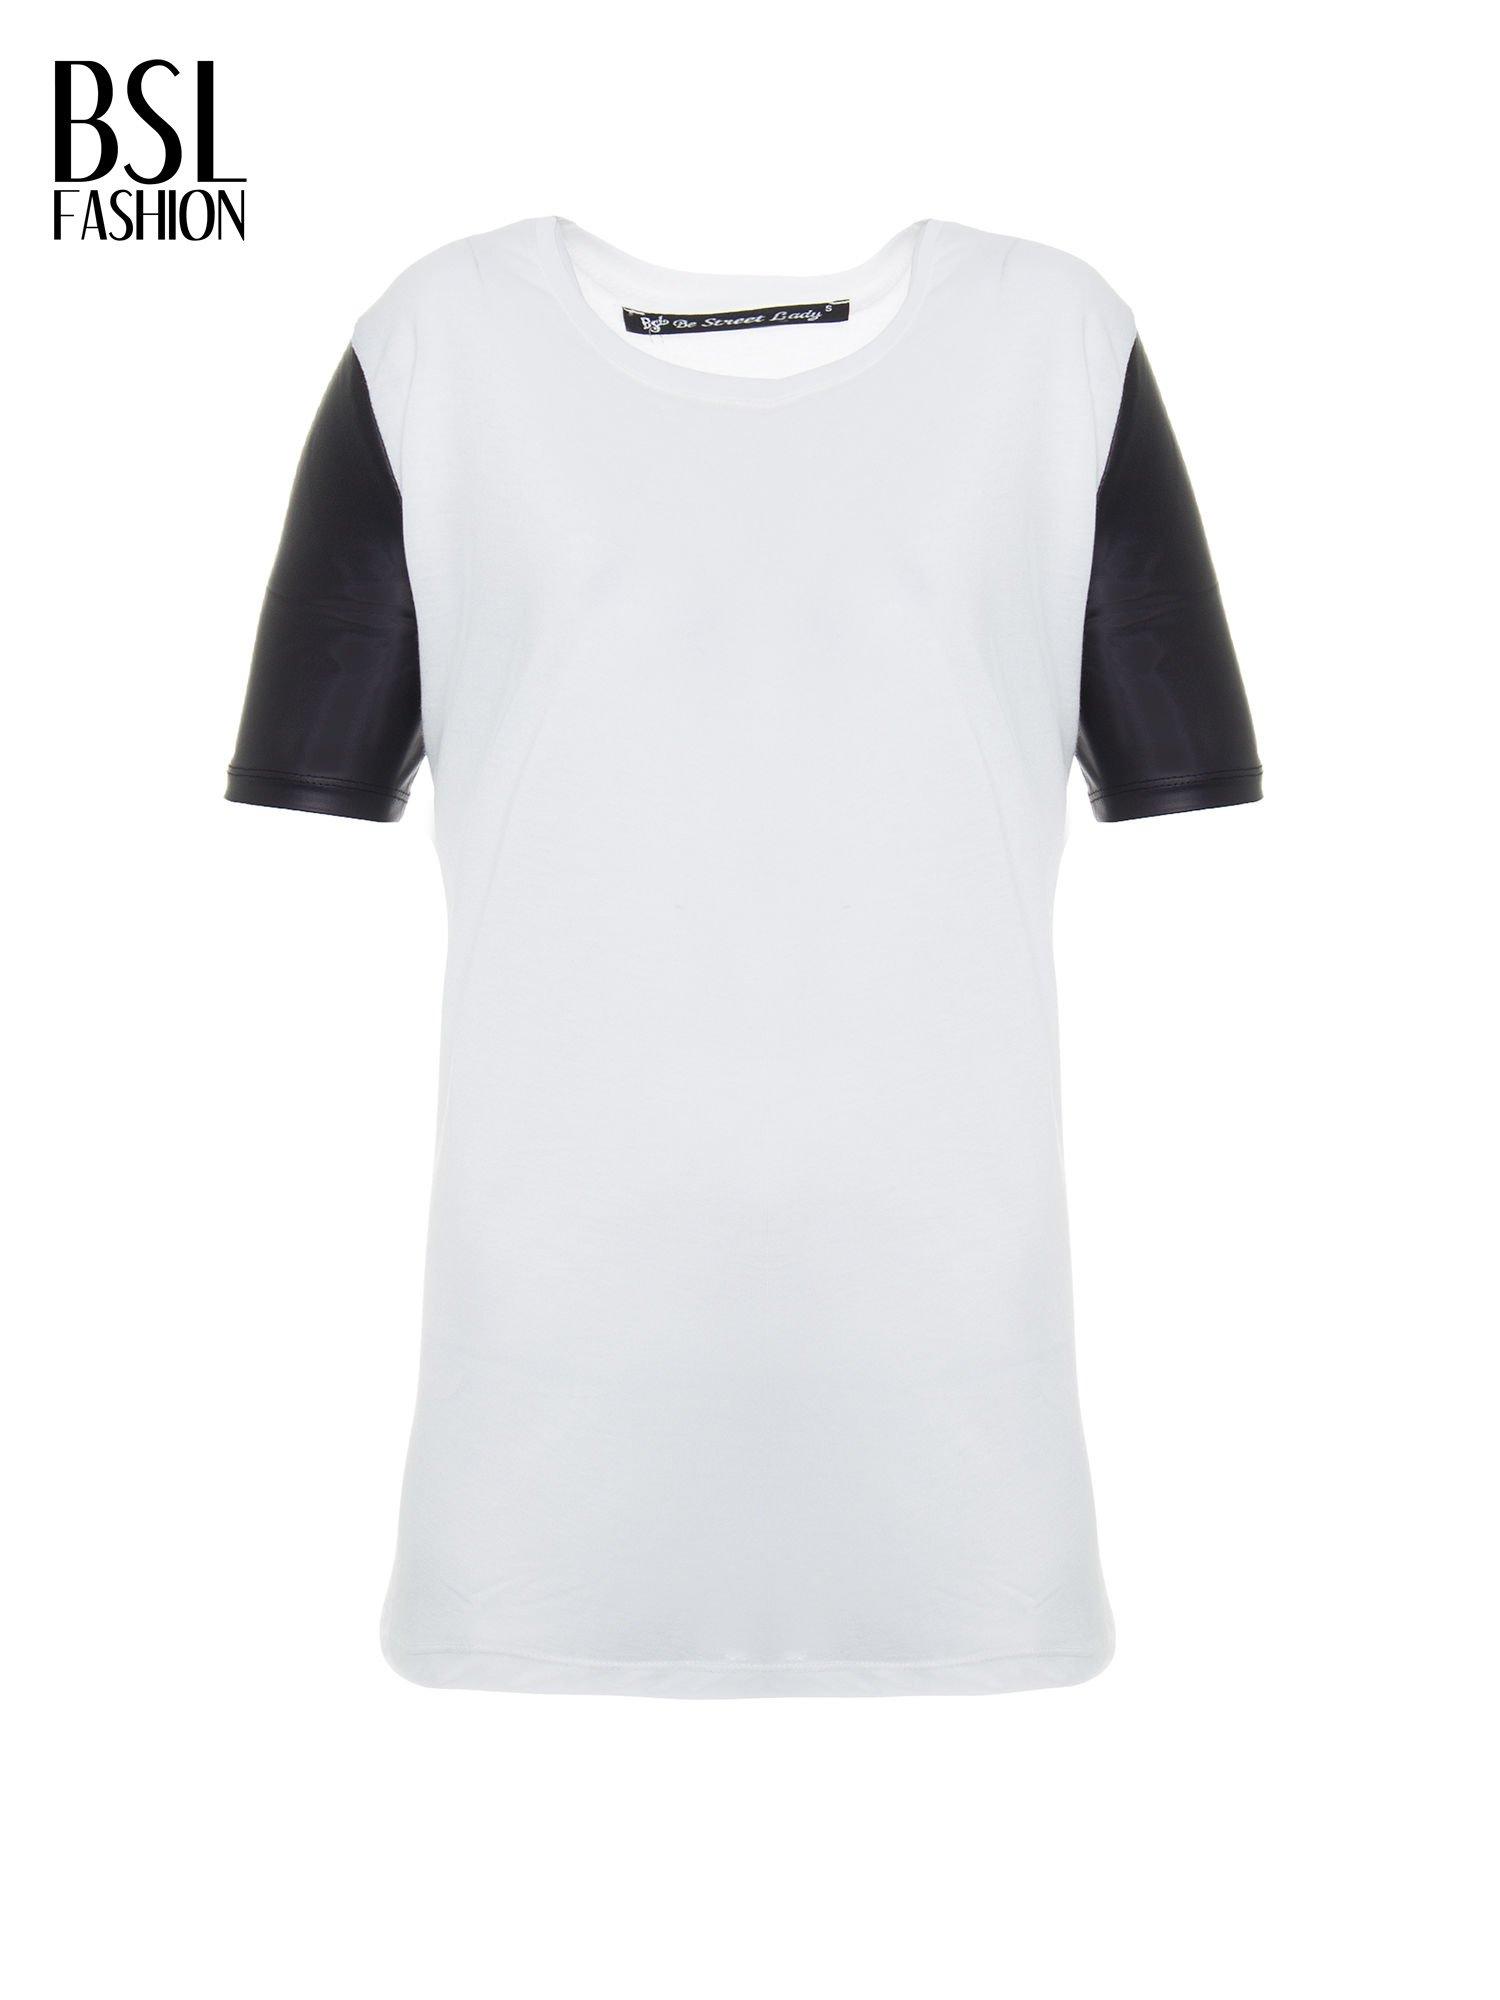 Ecru t-shirt z czarnymi skórzanymi rękawami                                  zdj.                                  2